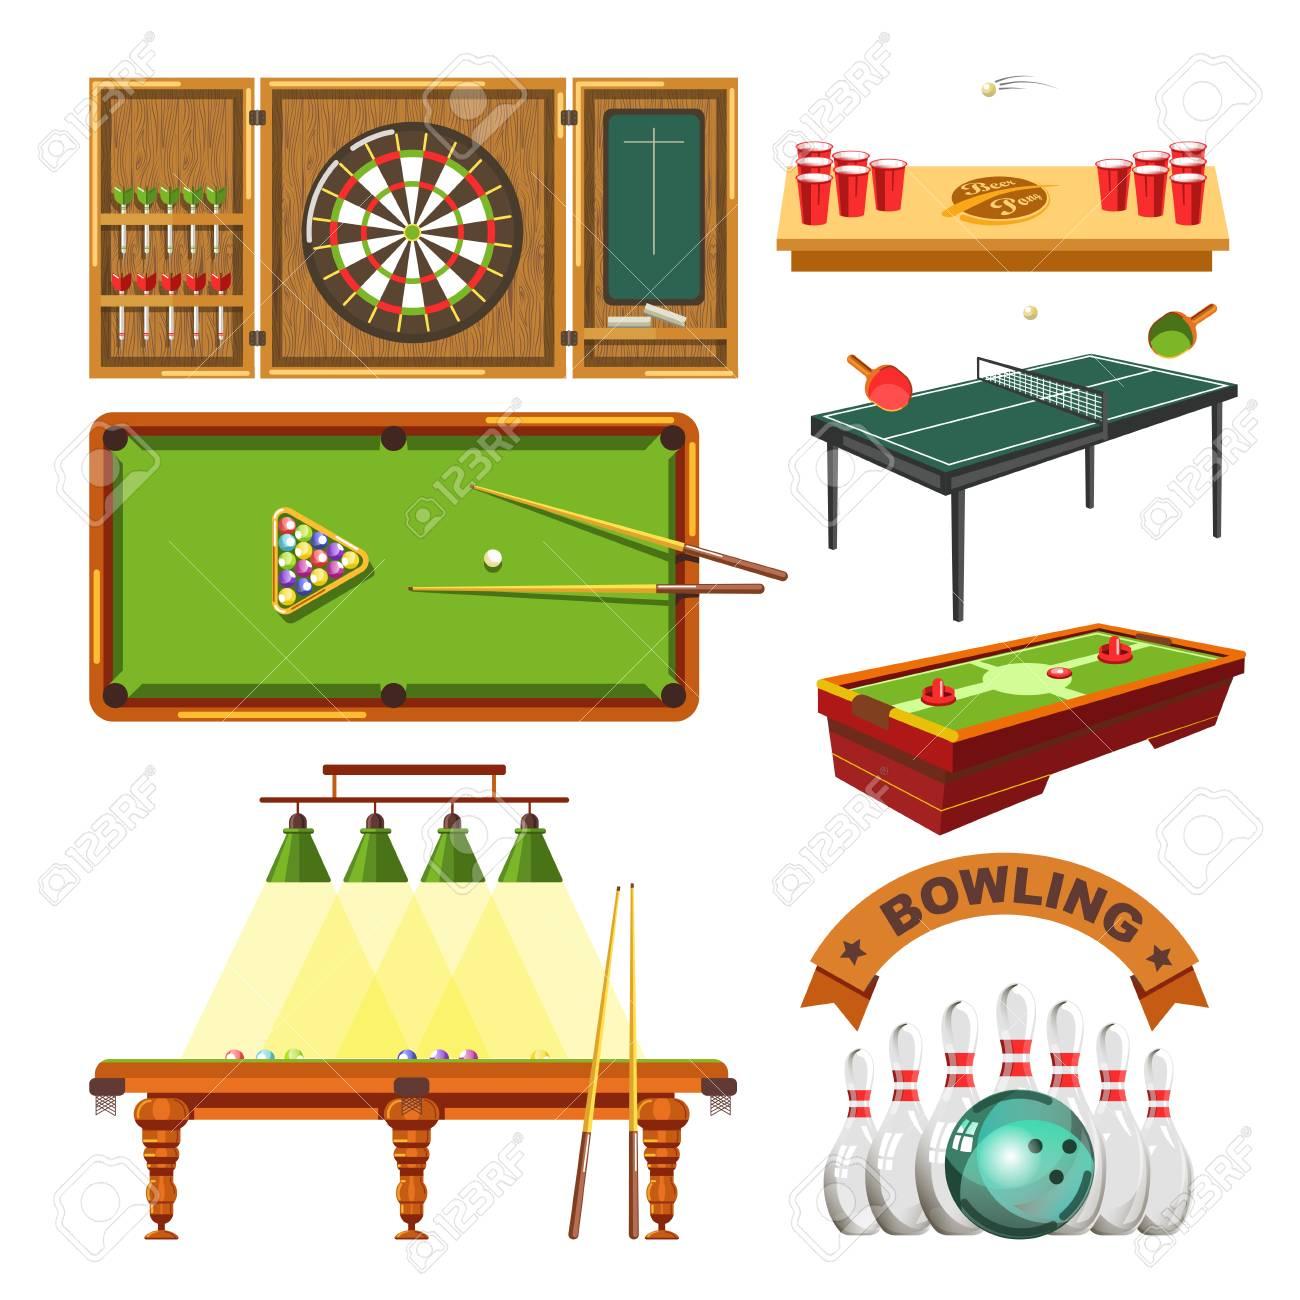 Deportes Juegos Tipos De Dardos Billar Pool O Cerveza Ping Pong